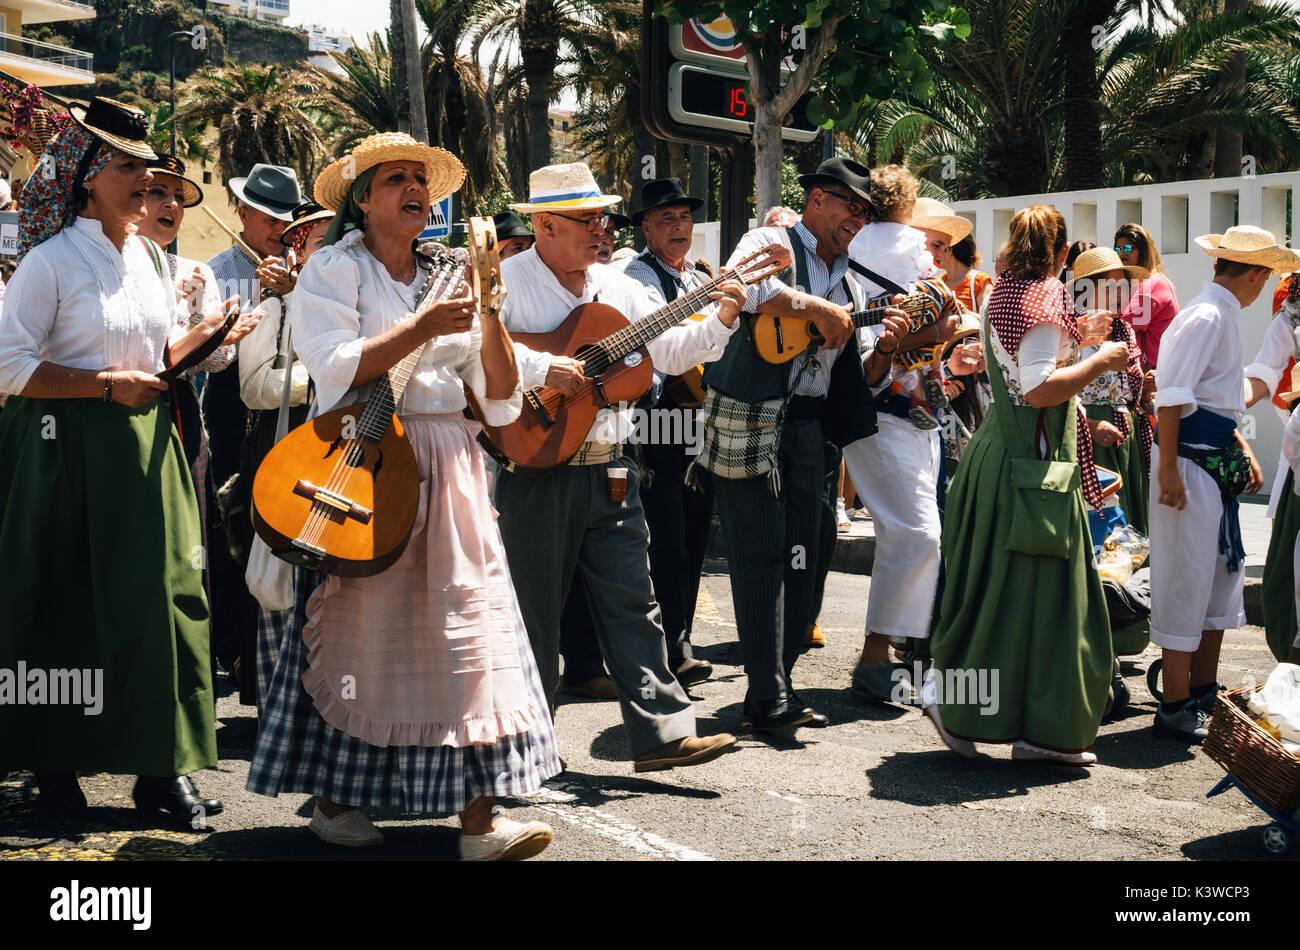 Puerto de la Cruz, Teneriffa, Kanarische Inseln - 30. Mai 2017: Kanaren Menschen in traditionellen Kleidern bekleidet Spaziergang entlang der Straße, Zeichen und Spielen musica Stockbild